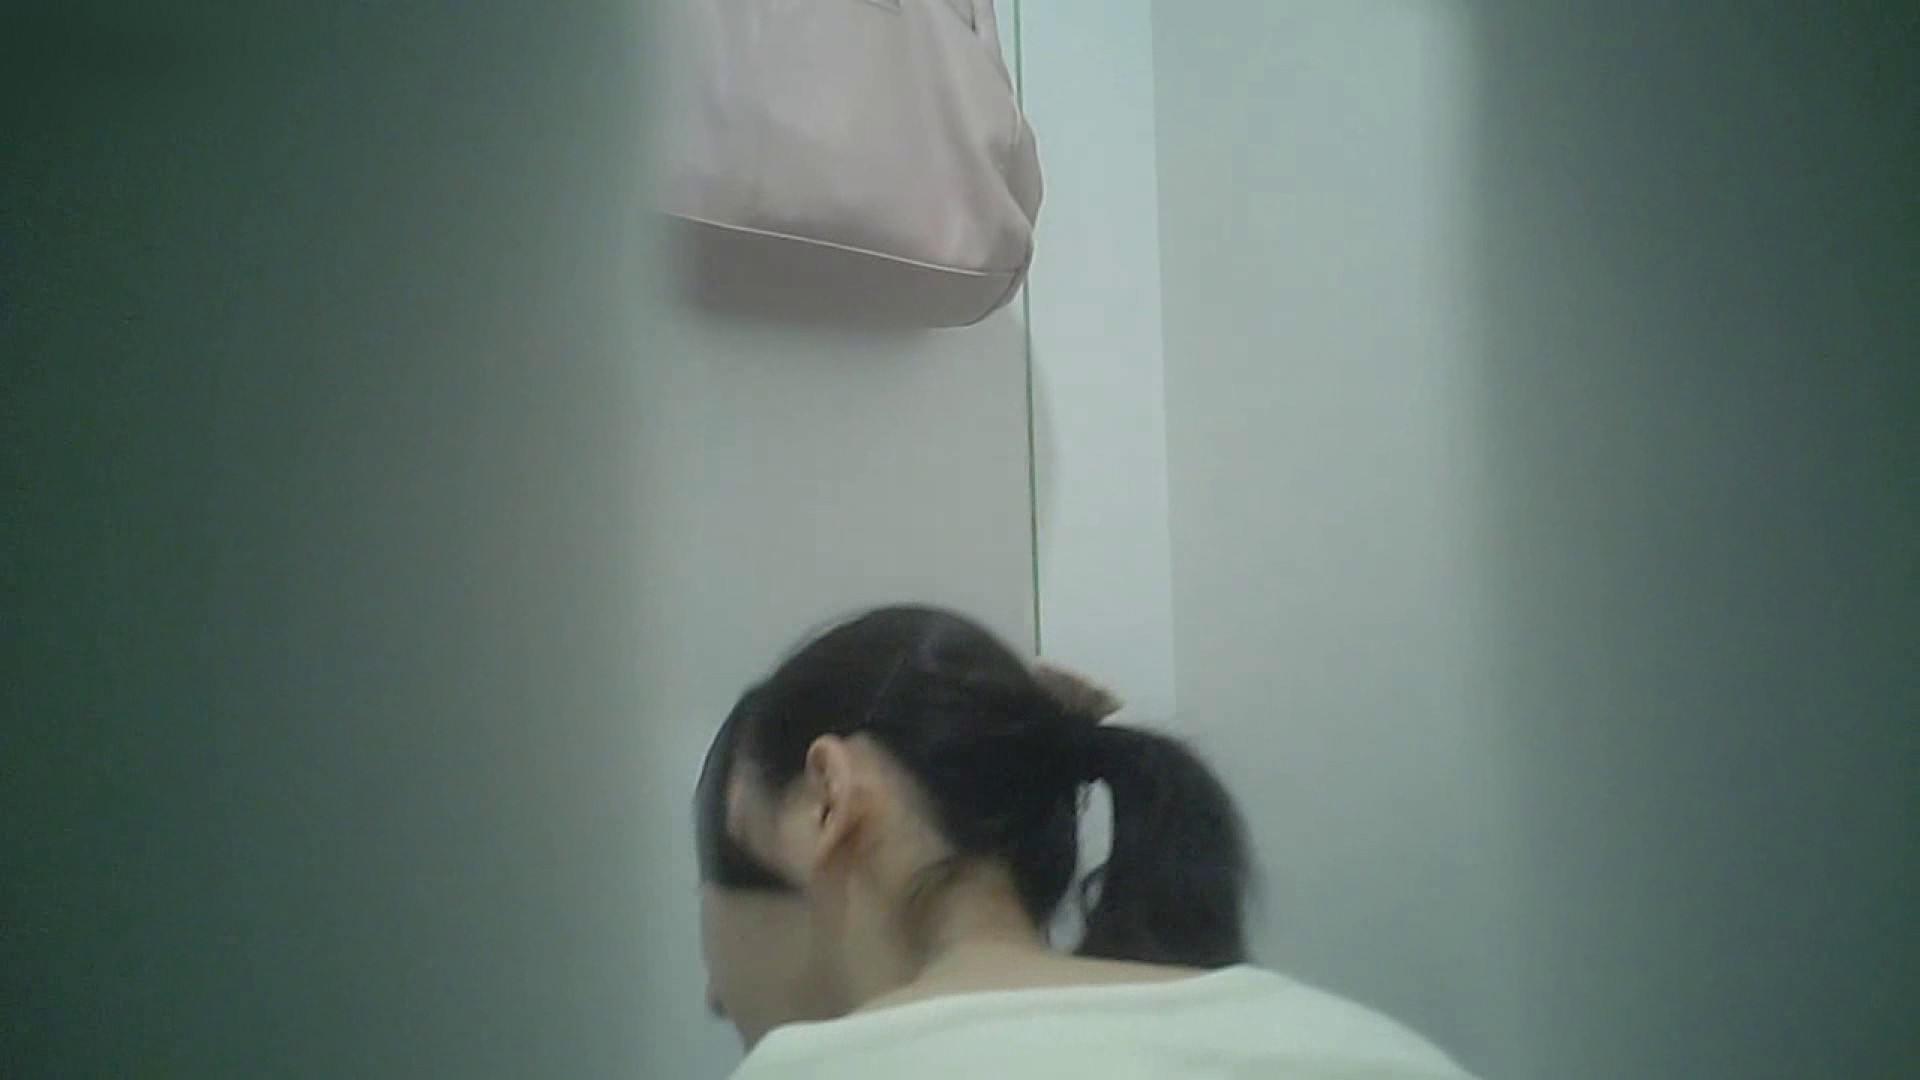 有名大学女性洗面所 vol.40 ??おまじない的な動きをする子がいます。 洗面所突入 | 潜入突撃  81pic 46